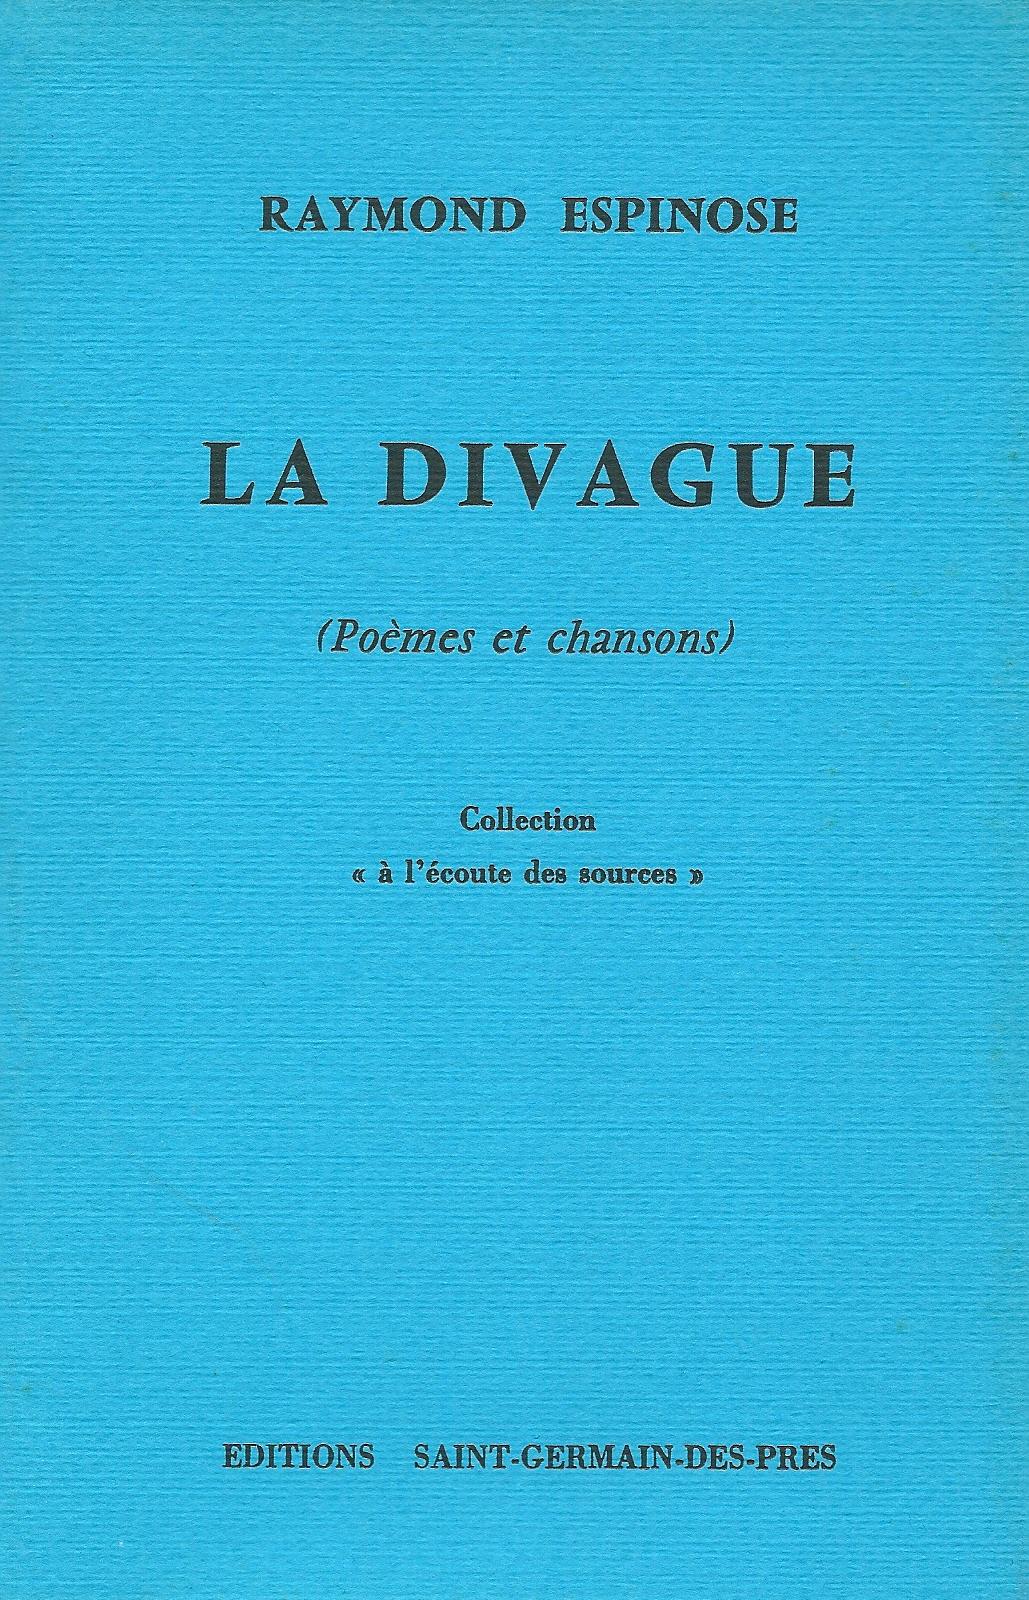 espinose-La-divague